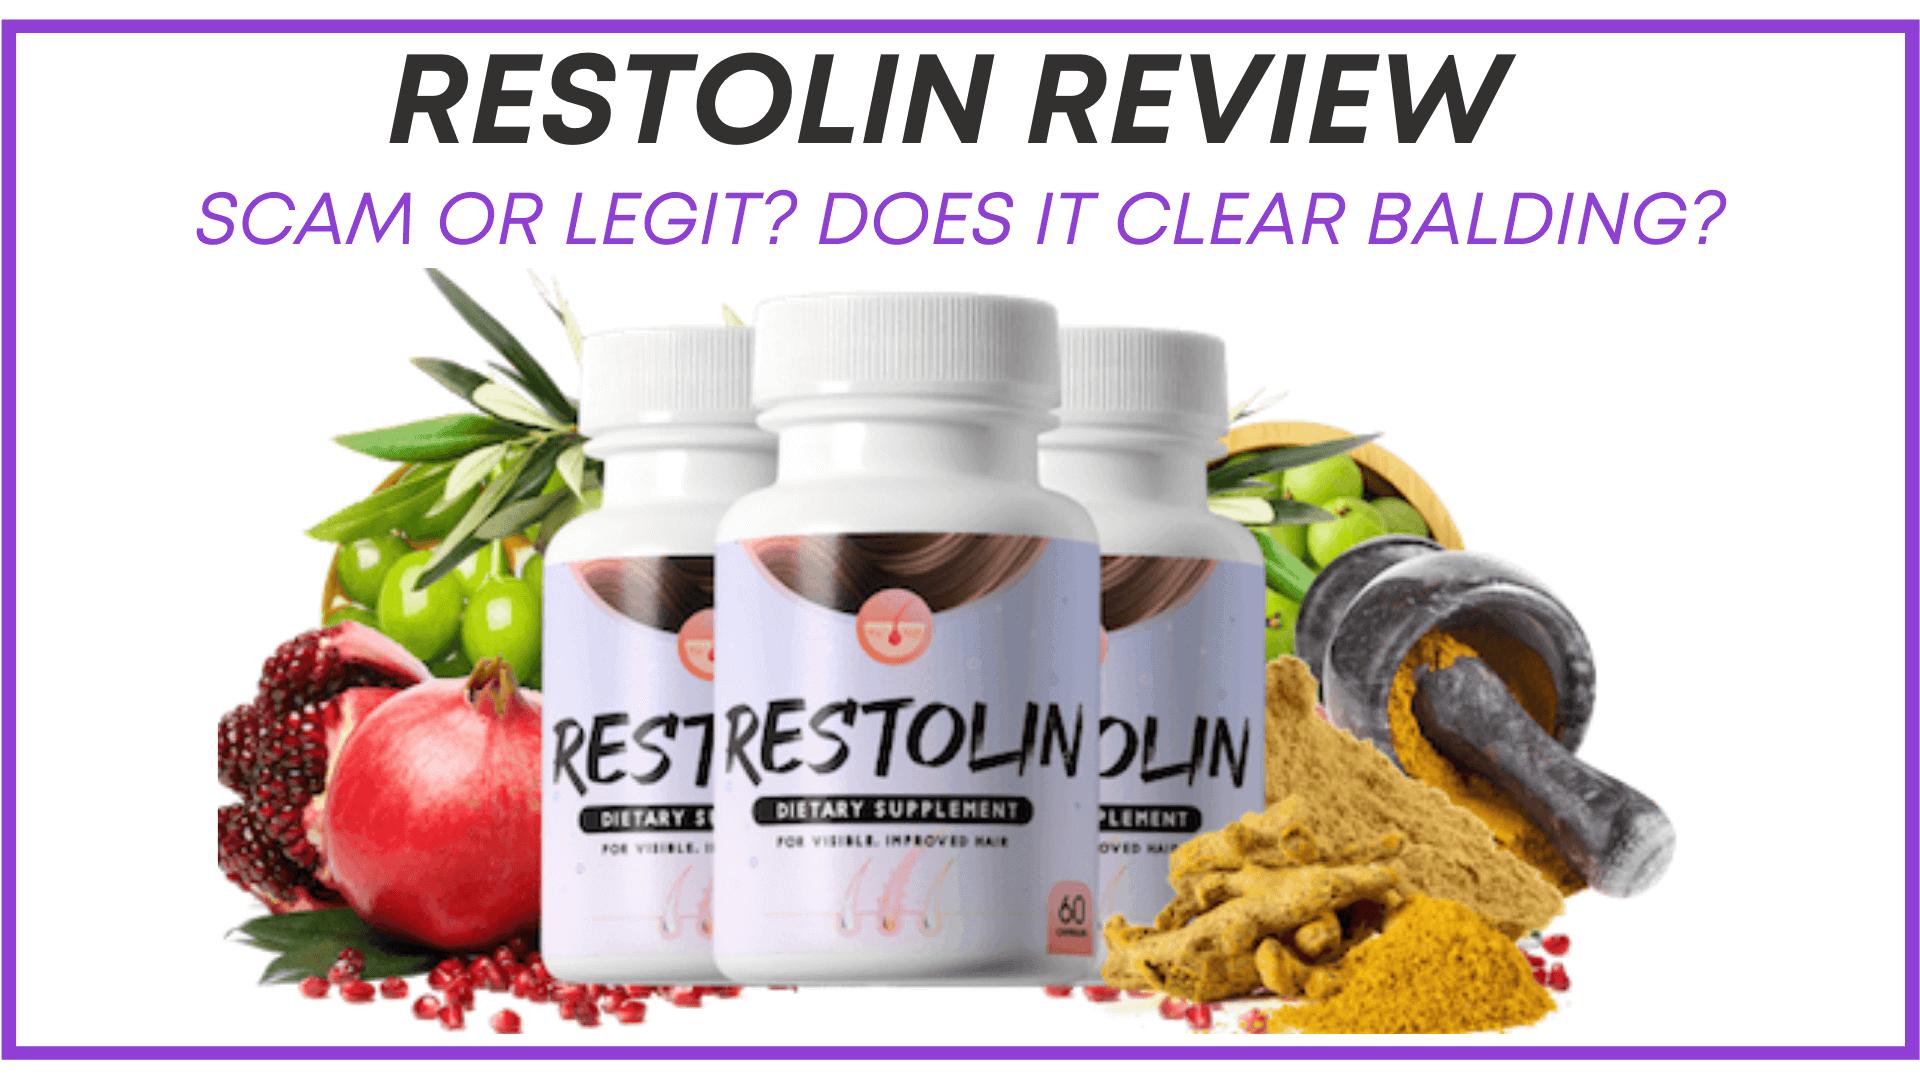 Restolin Reviews - Restolin Dietary Supplement